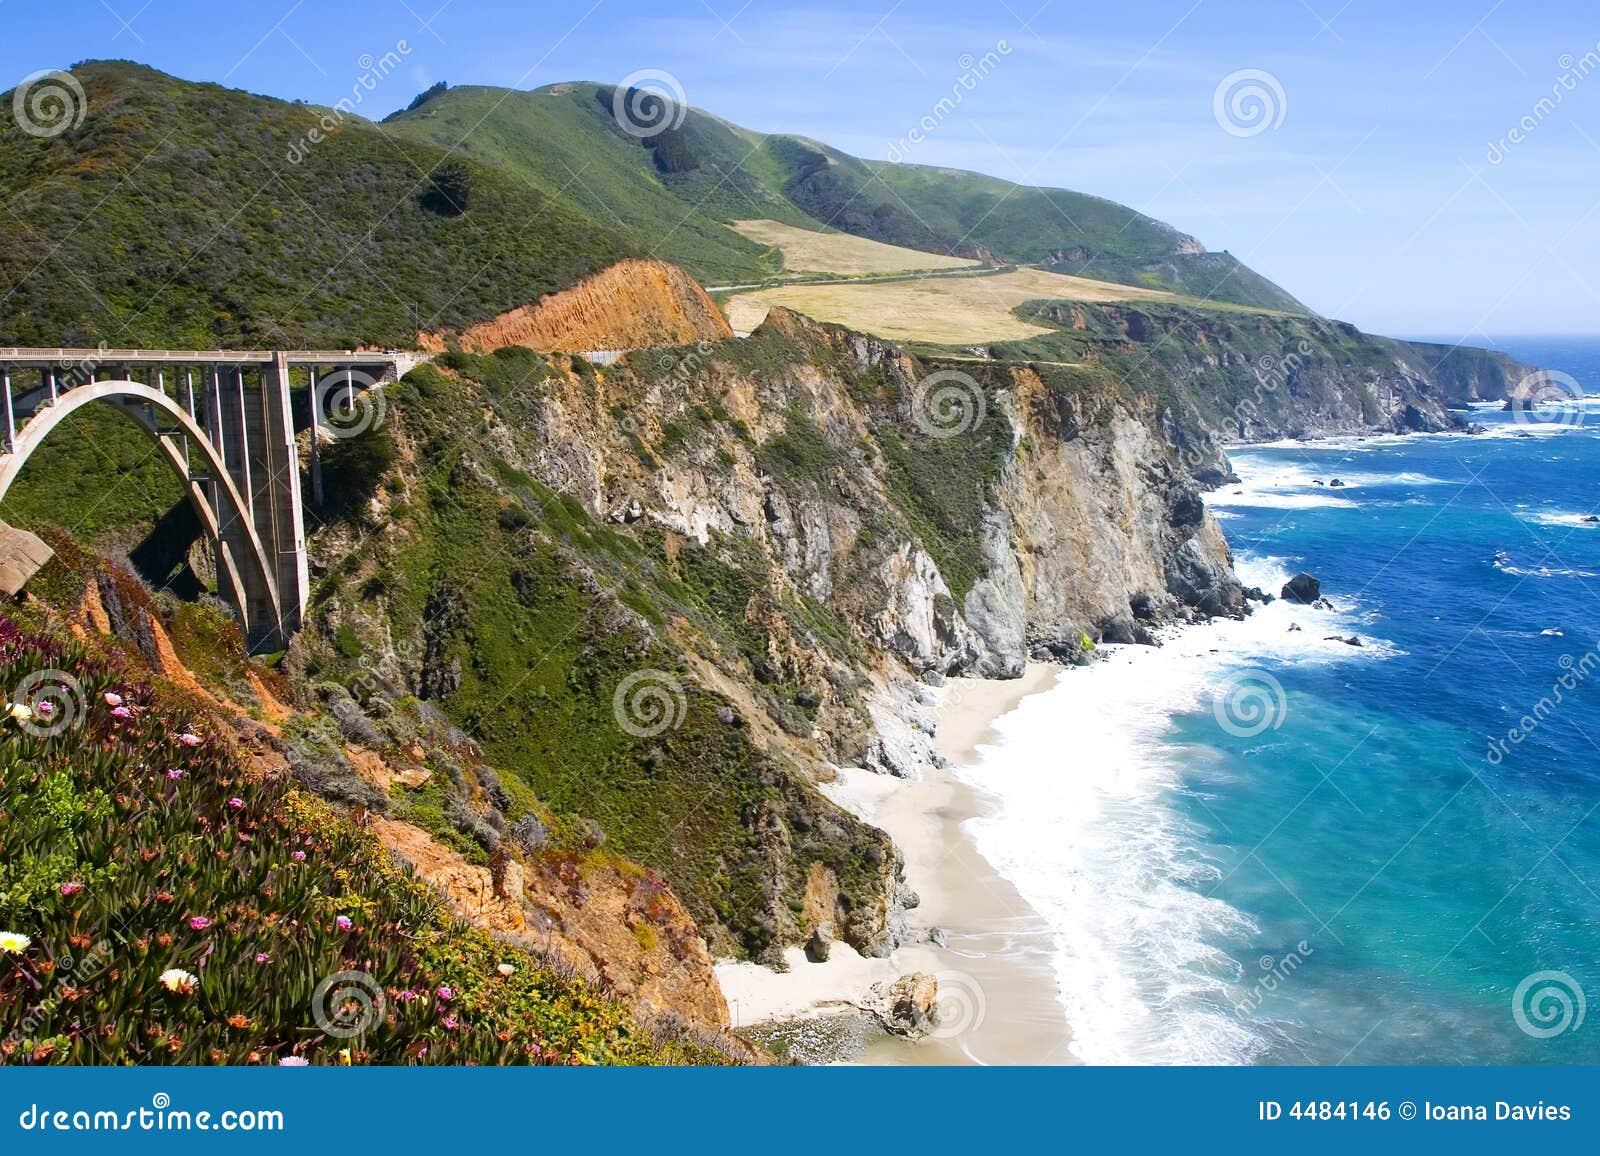 Bridge in Big Sur, California